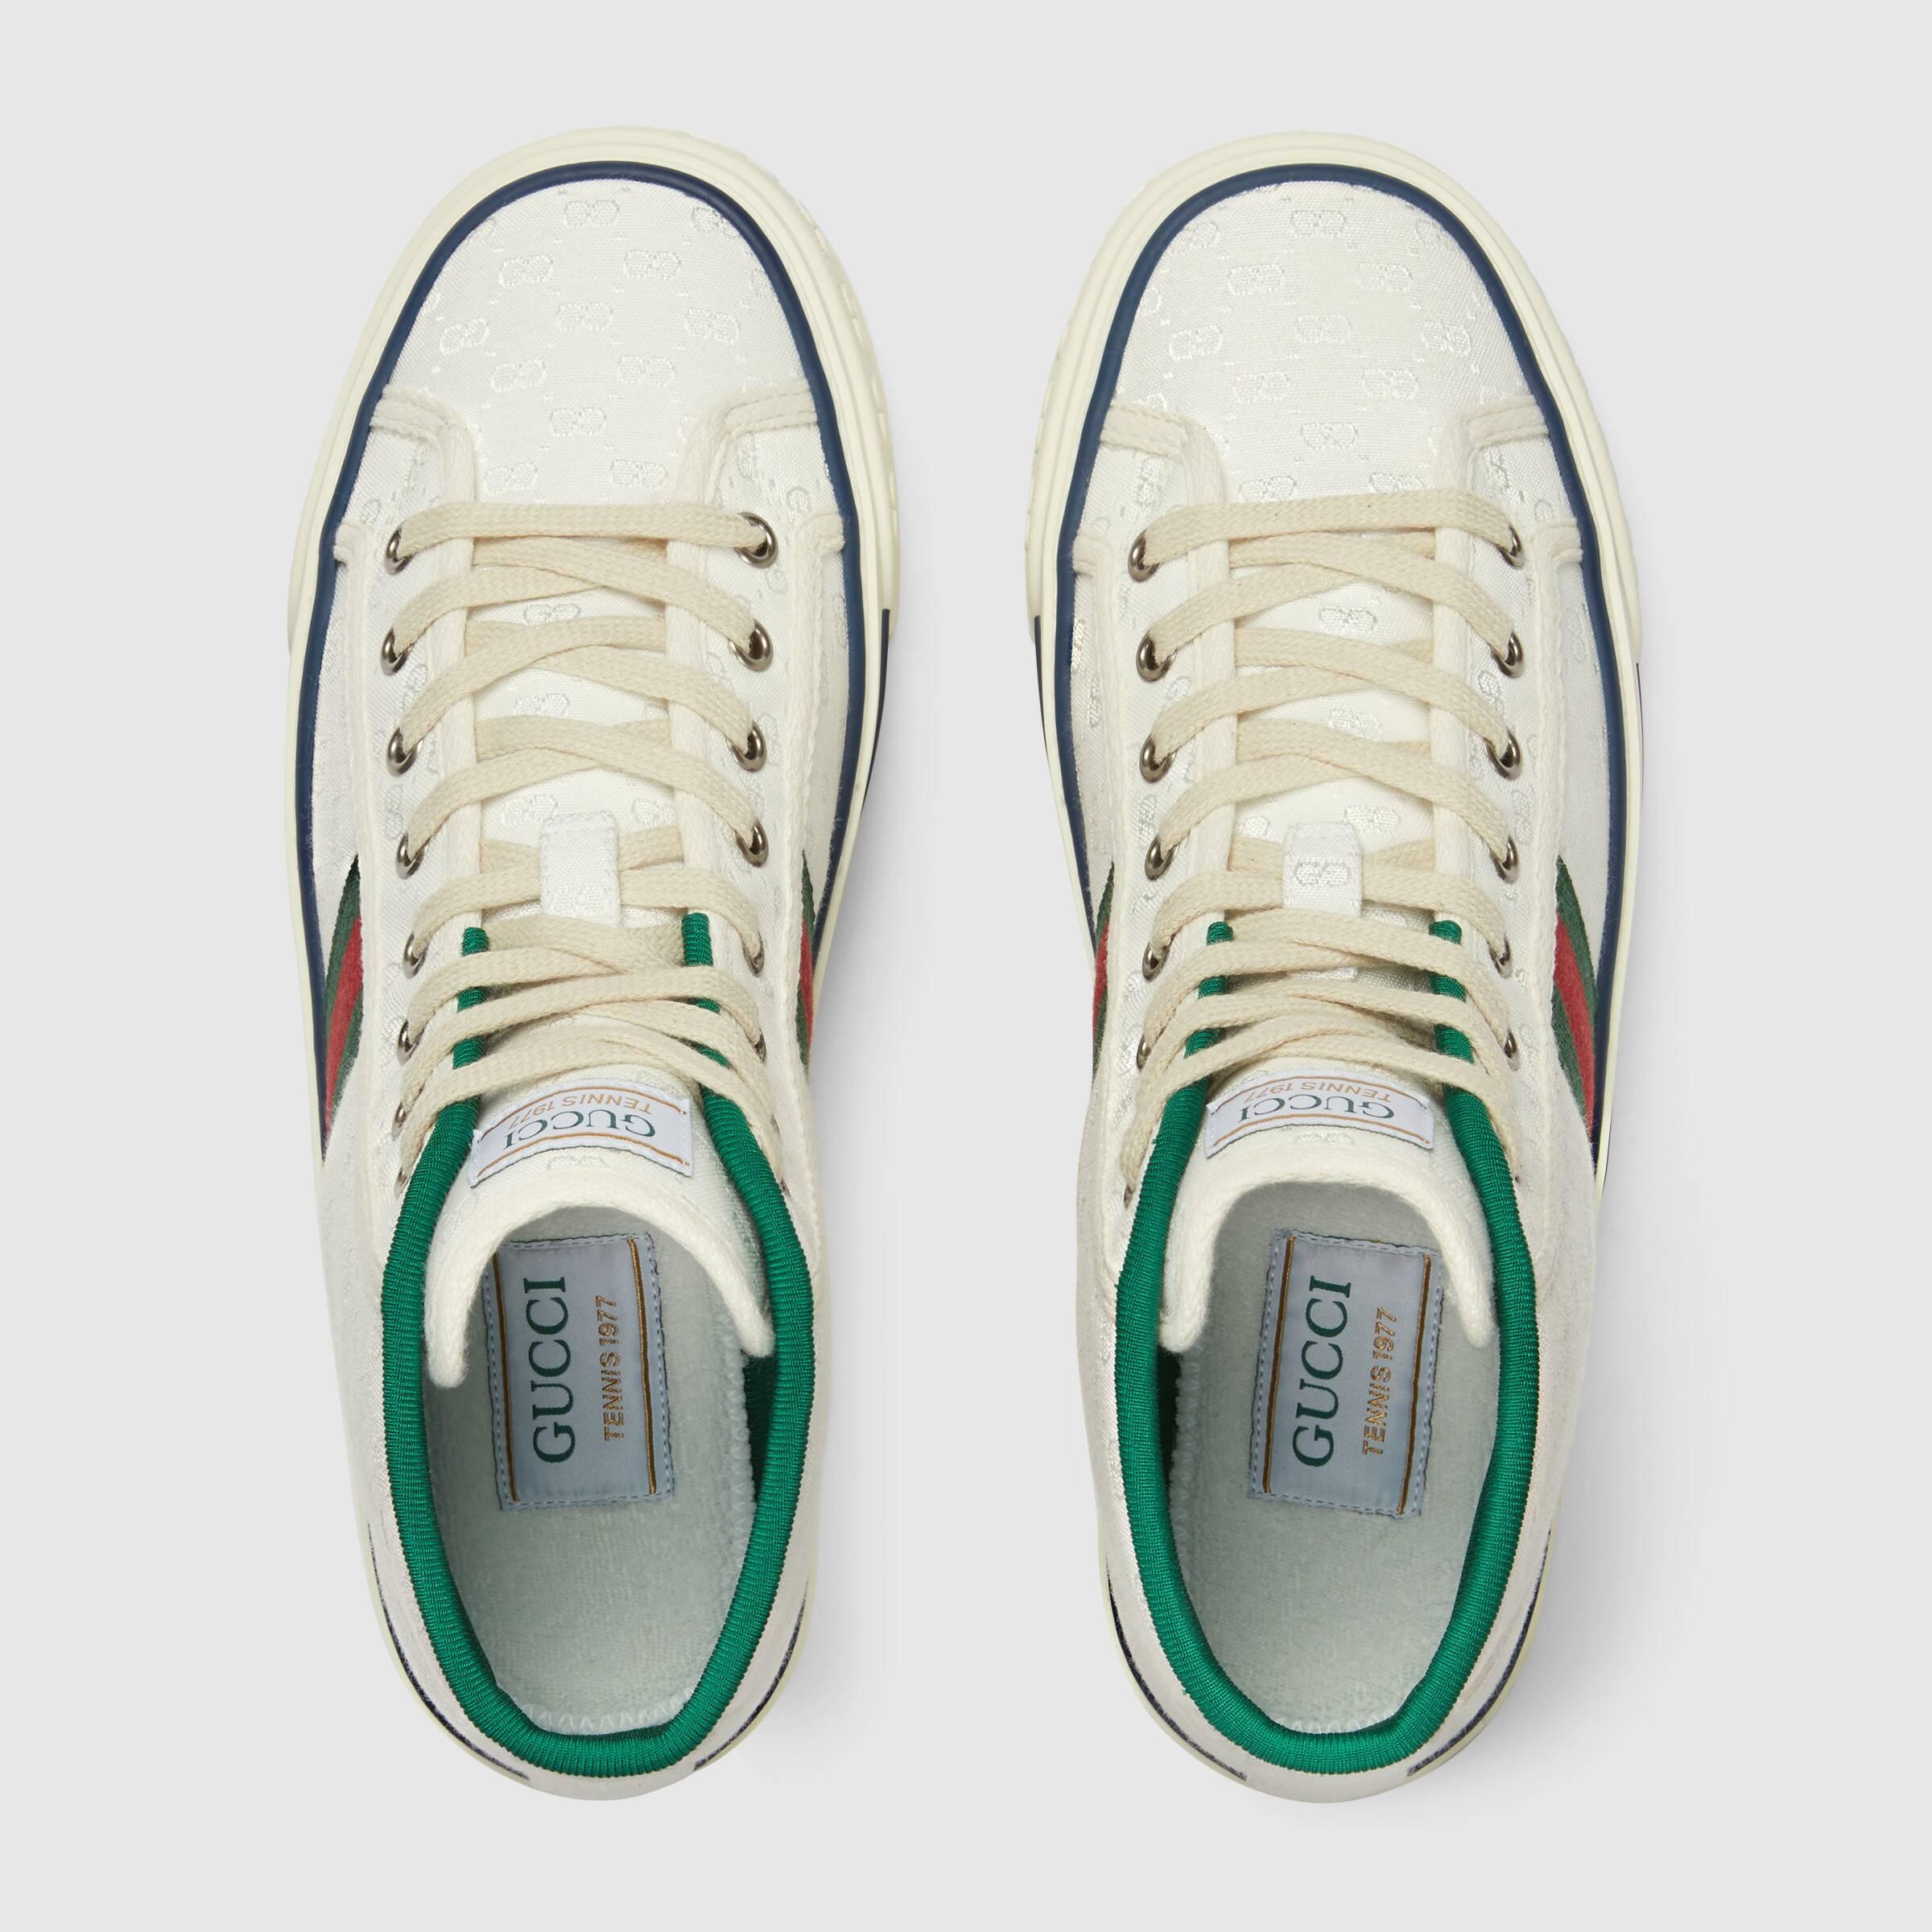 유럽직배송 구찌 GUCCI Gucci - Women's Gucci Tennis 1977 high top sneaker 62783899WM09074